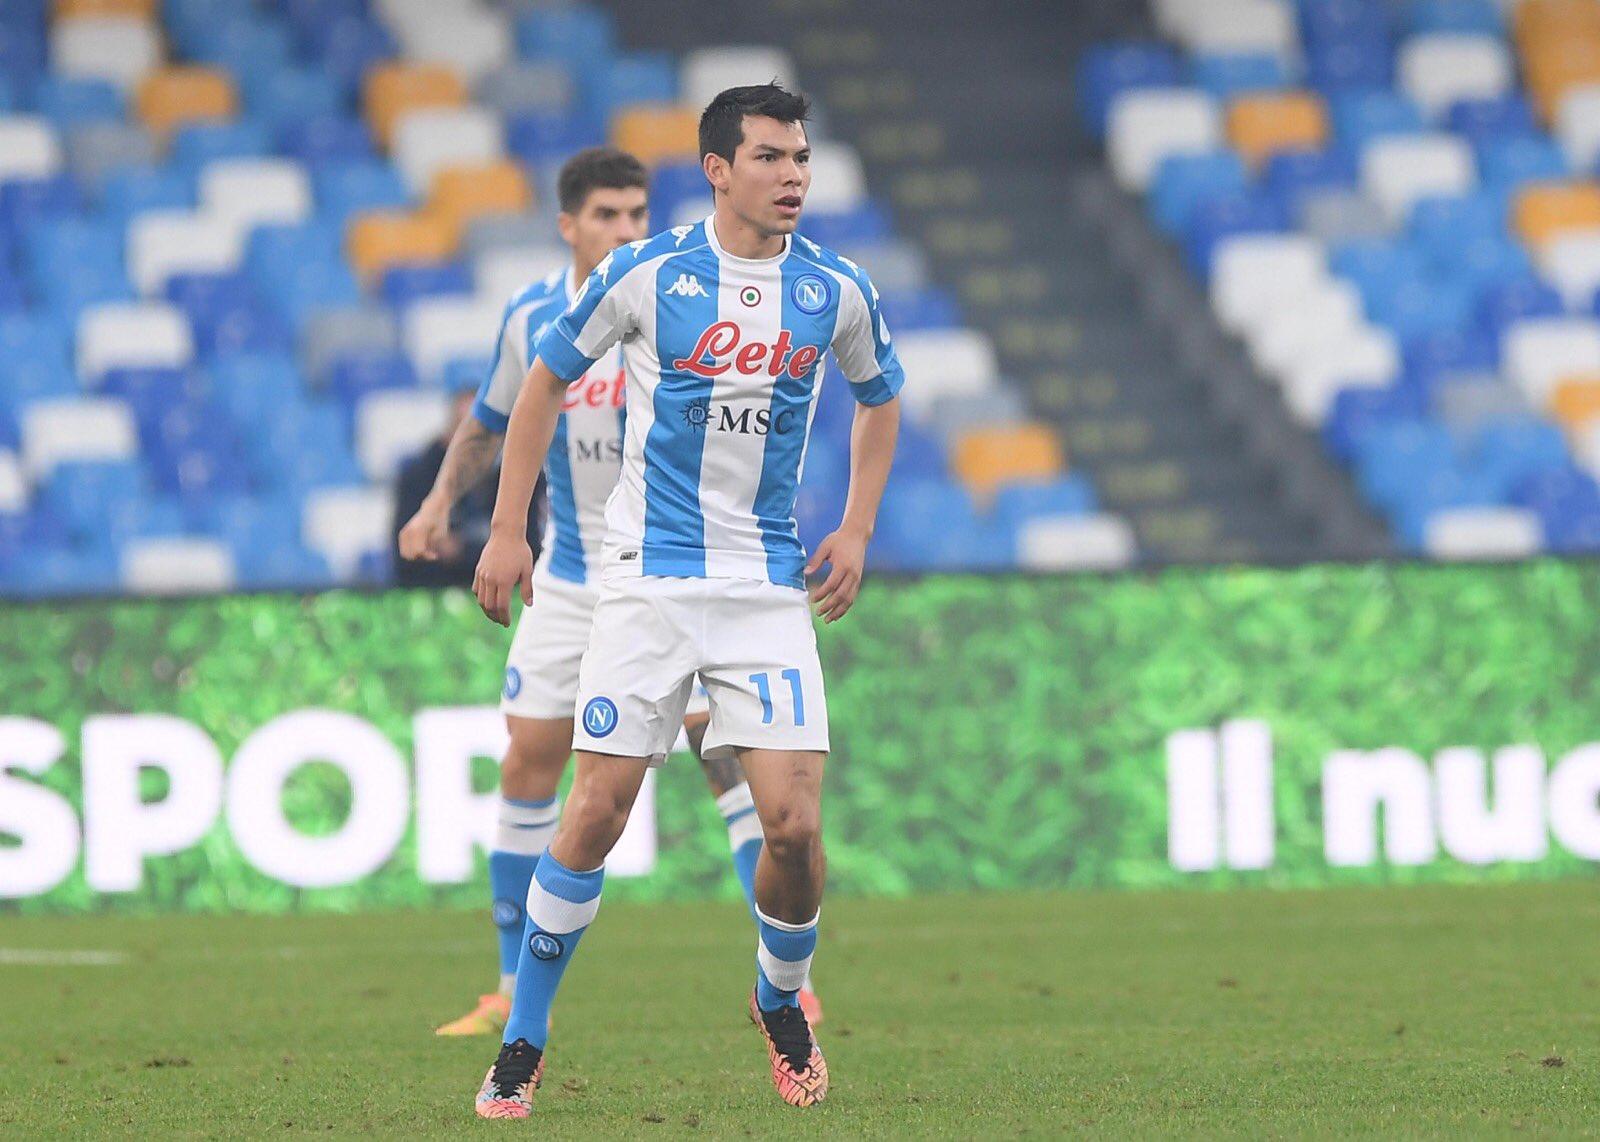 Napoli – Sampdoria / Jq0cnklkf3ewqm / Find napoli vs